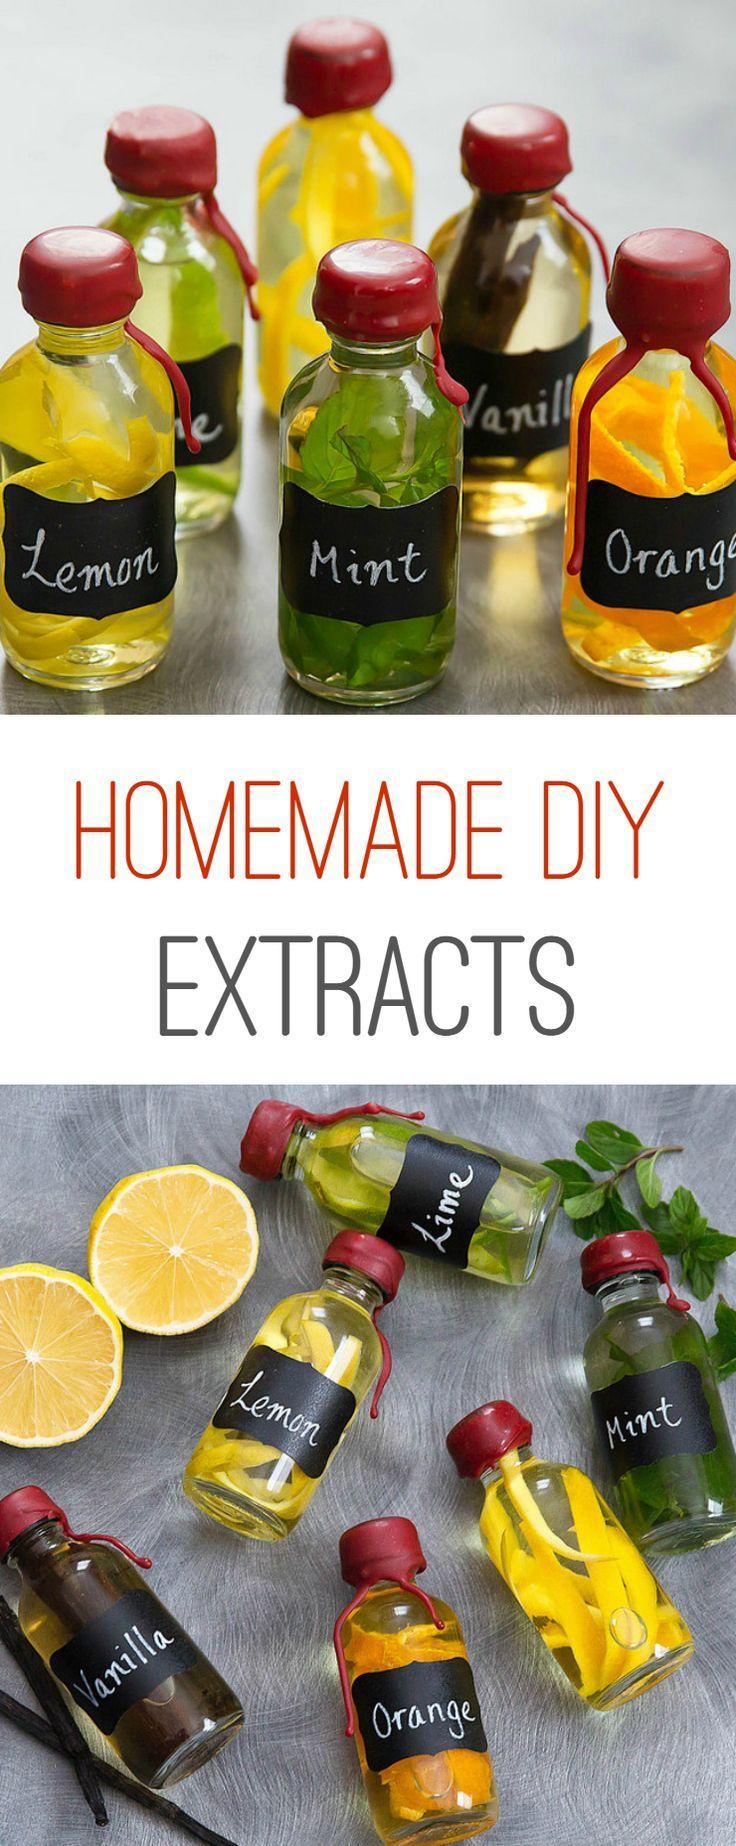 Homemade DIY Extracts | Selbstgemachtes, Geschenk und Kreative ...